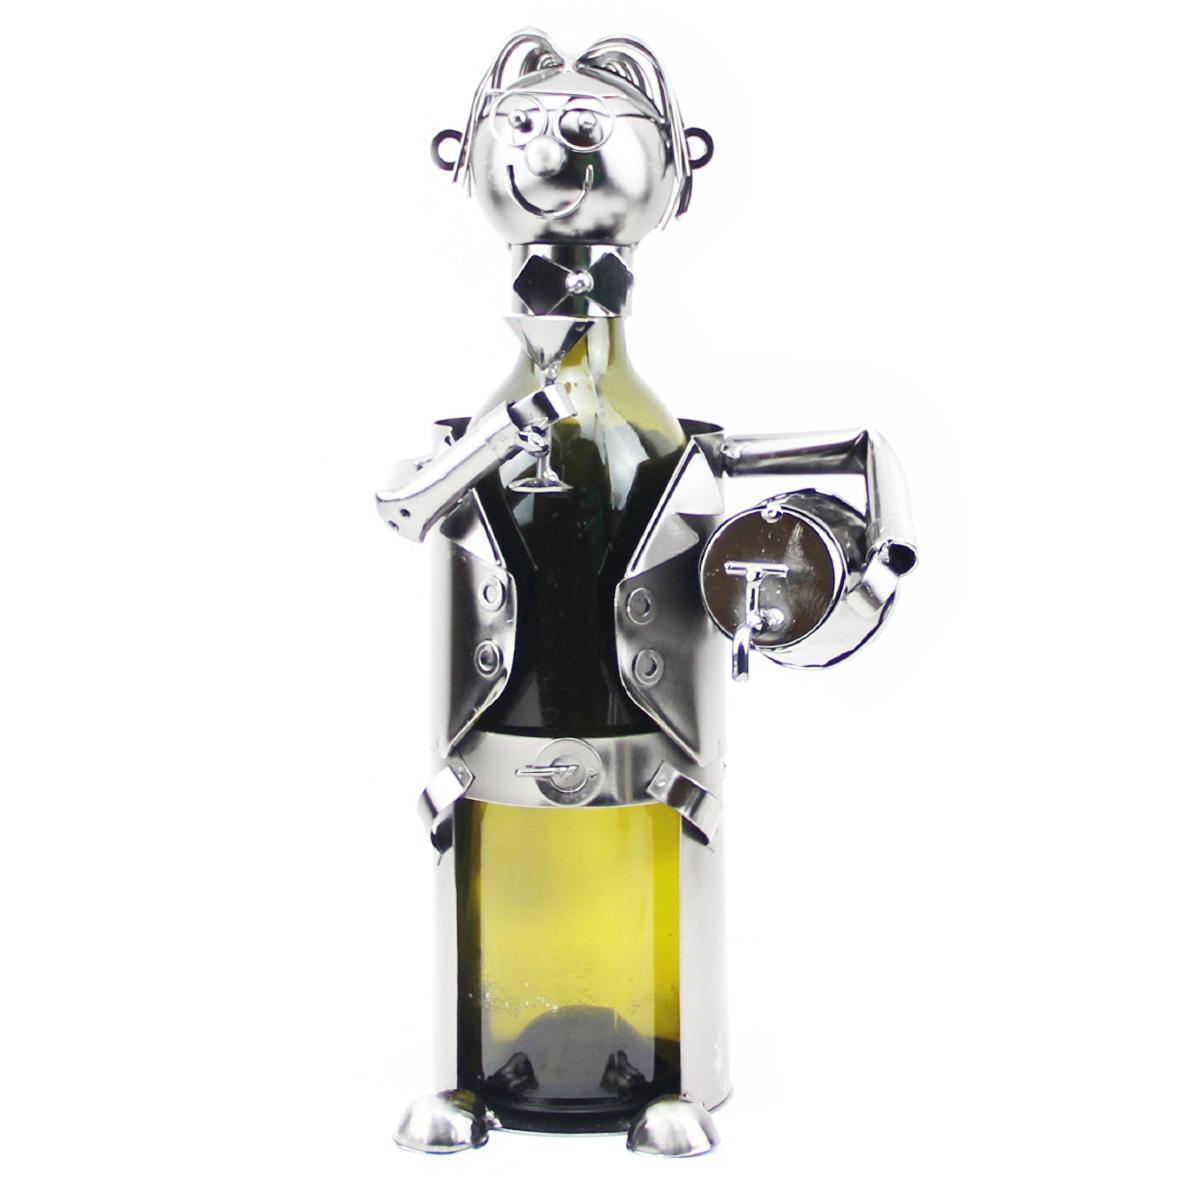 Porte-bouteille \'Sculpture métal\' Tavernier - 24 cm - [R0501]